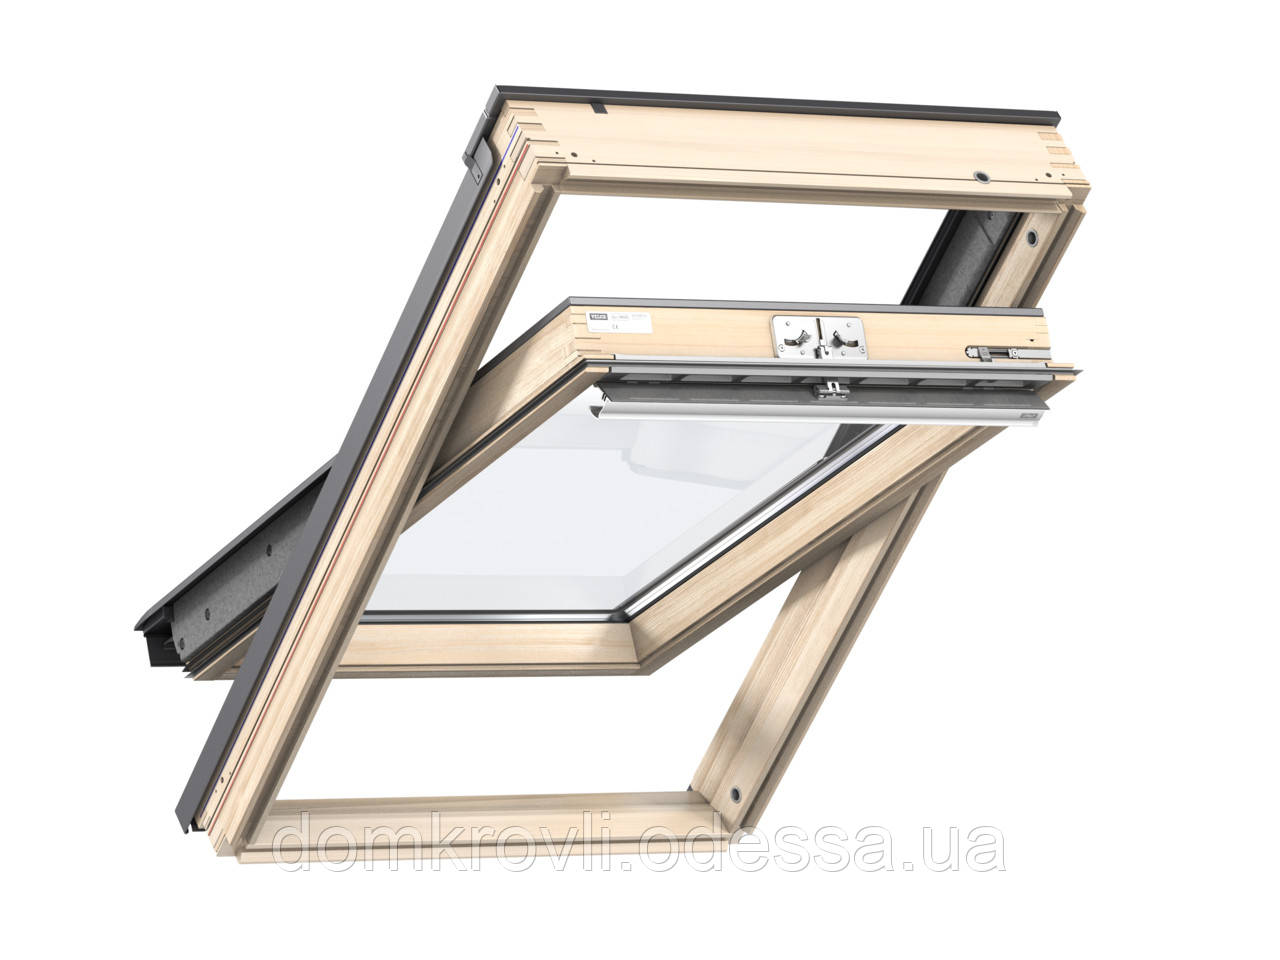 Мансардное окно (78х160см) GZL 1051 ручка сверху/снизу . Дерево